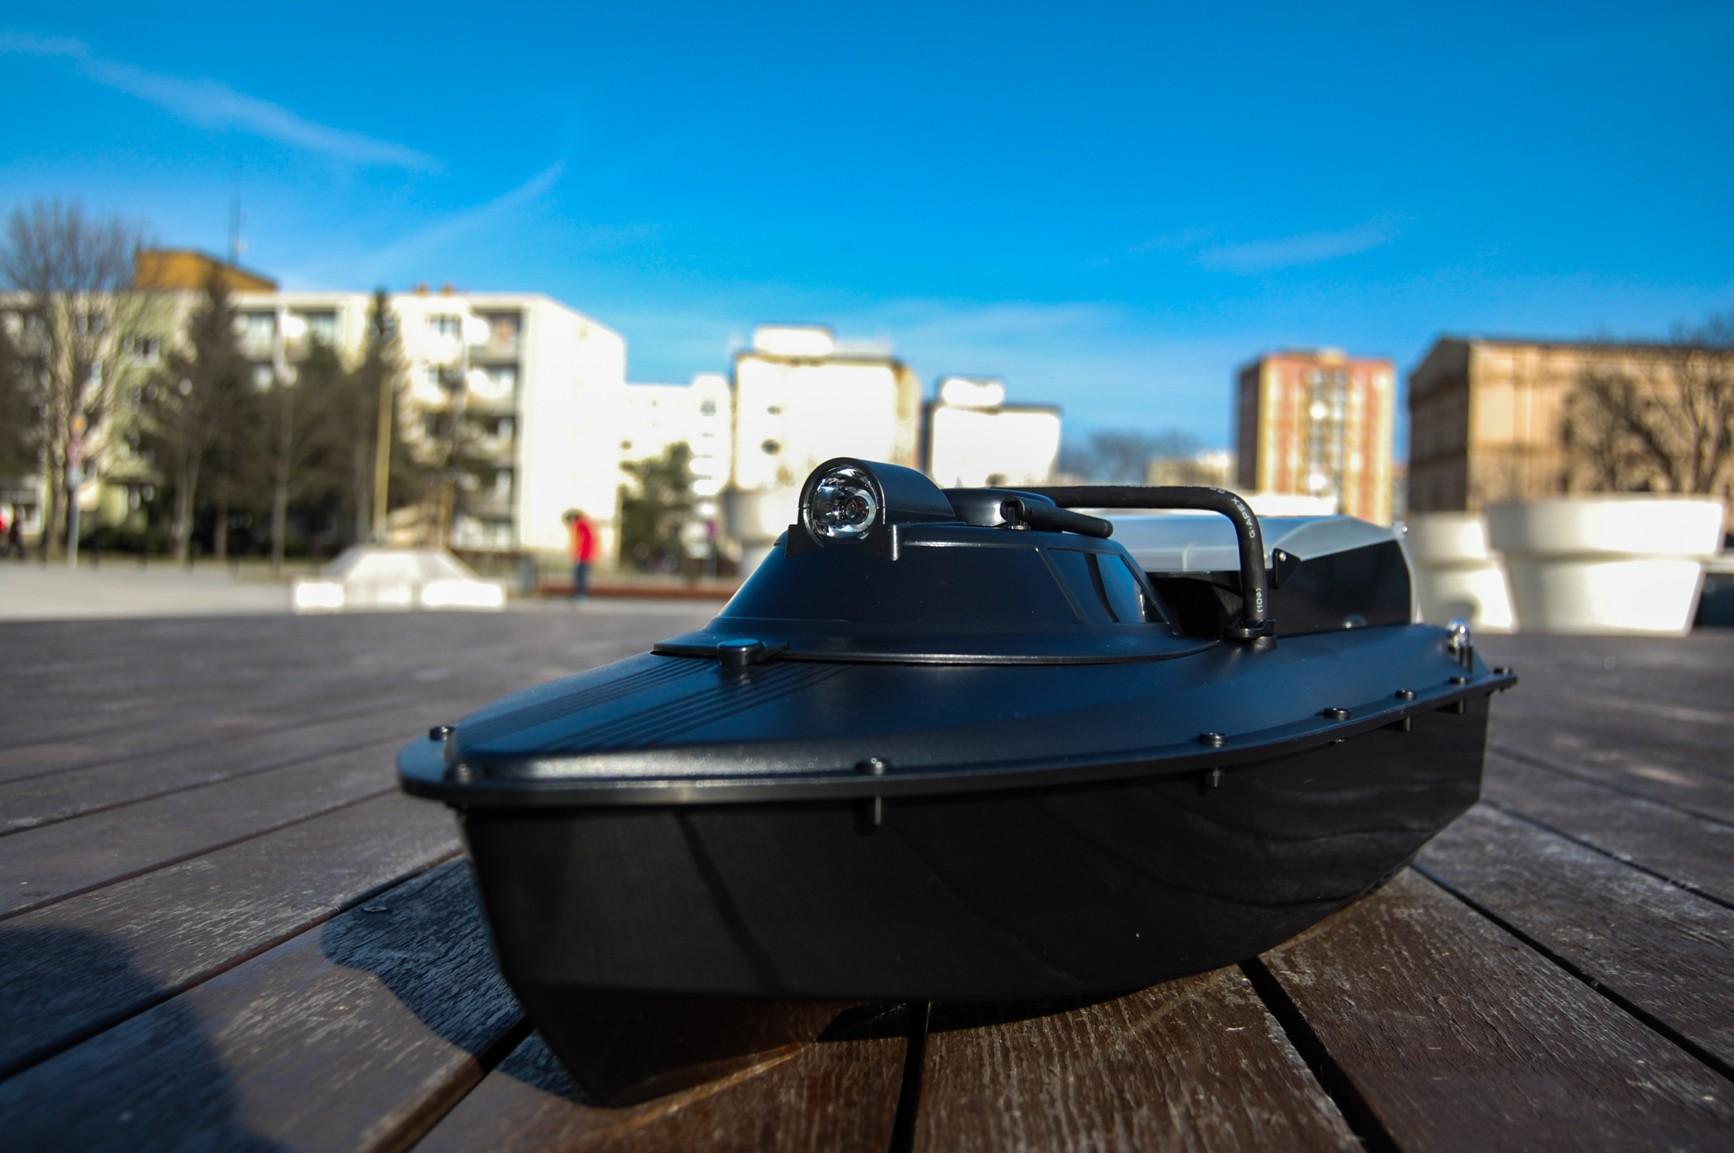 Zavážecí loď se SONAREM na 2kg krmiva 2.4Ghz